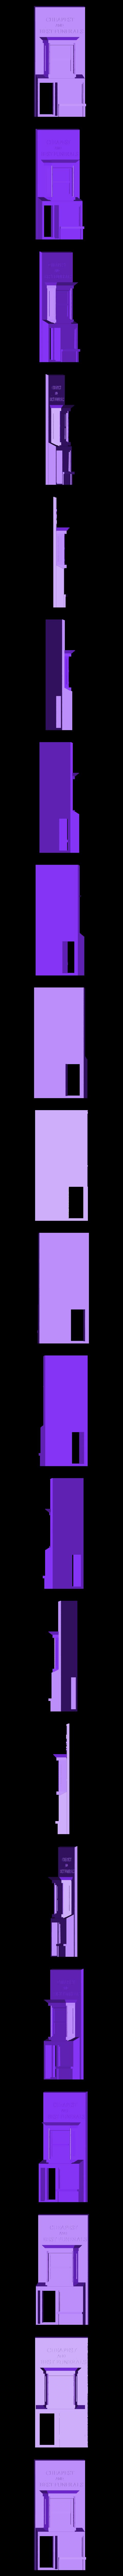 fun_frnt1a_1.stl Télécharger fichier STL gratuit Ripper's London - Salon funéraire / boutique • Design pour imprimante 3D, Earsling